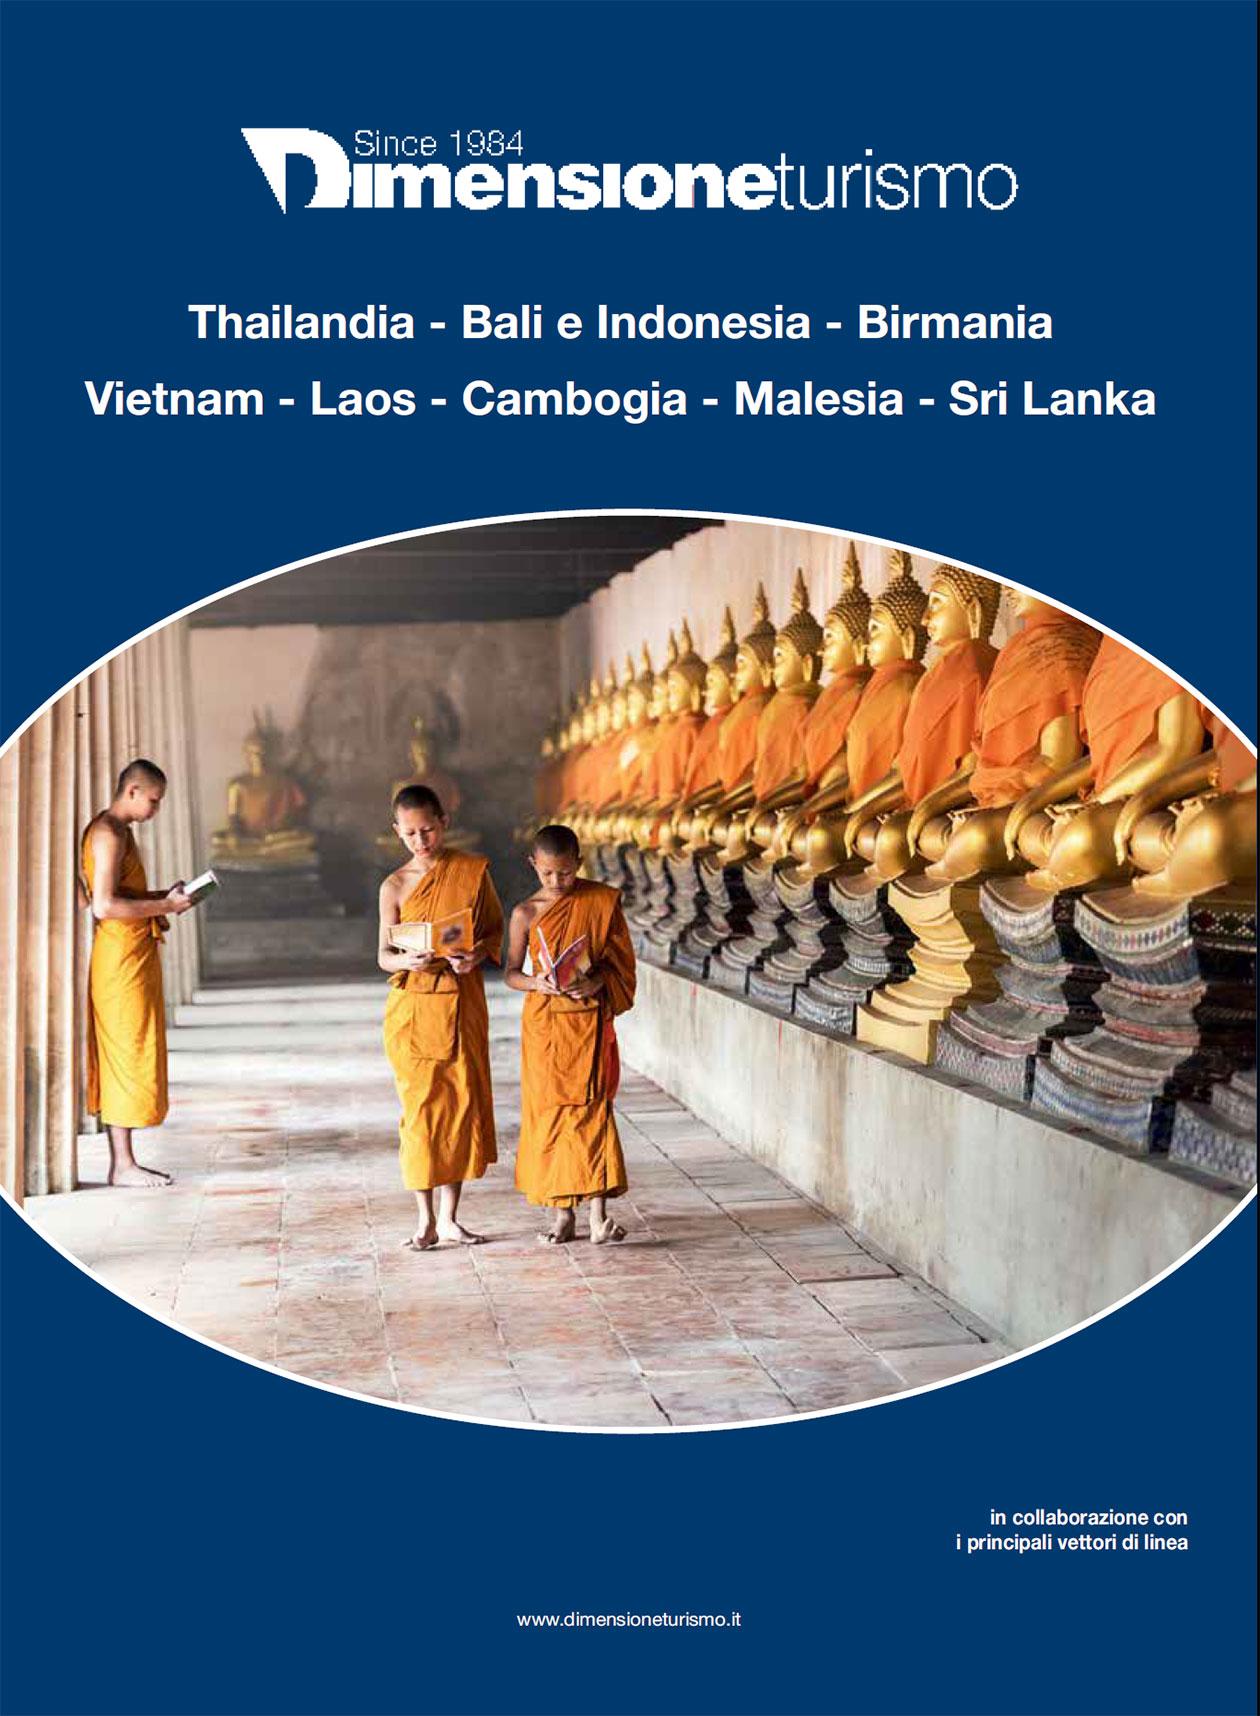 Copertina brochure Thailandia - Bali e Indonesia - Birmania Vietnam - Laos - Cambogia - Malesia - Sr